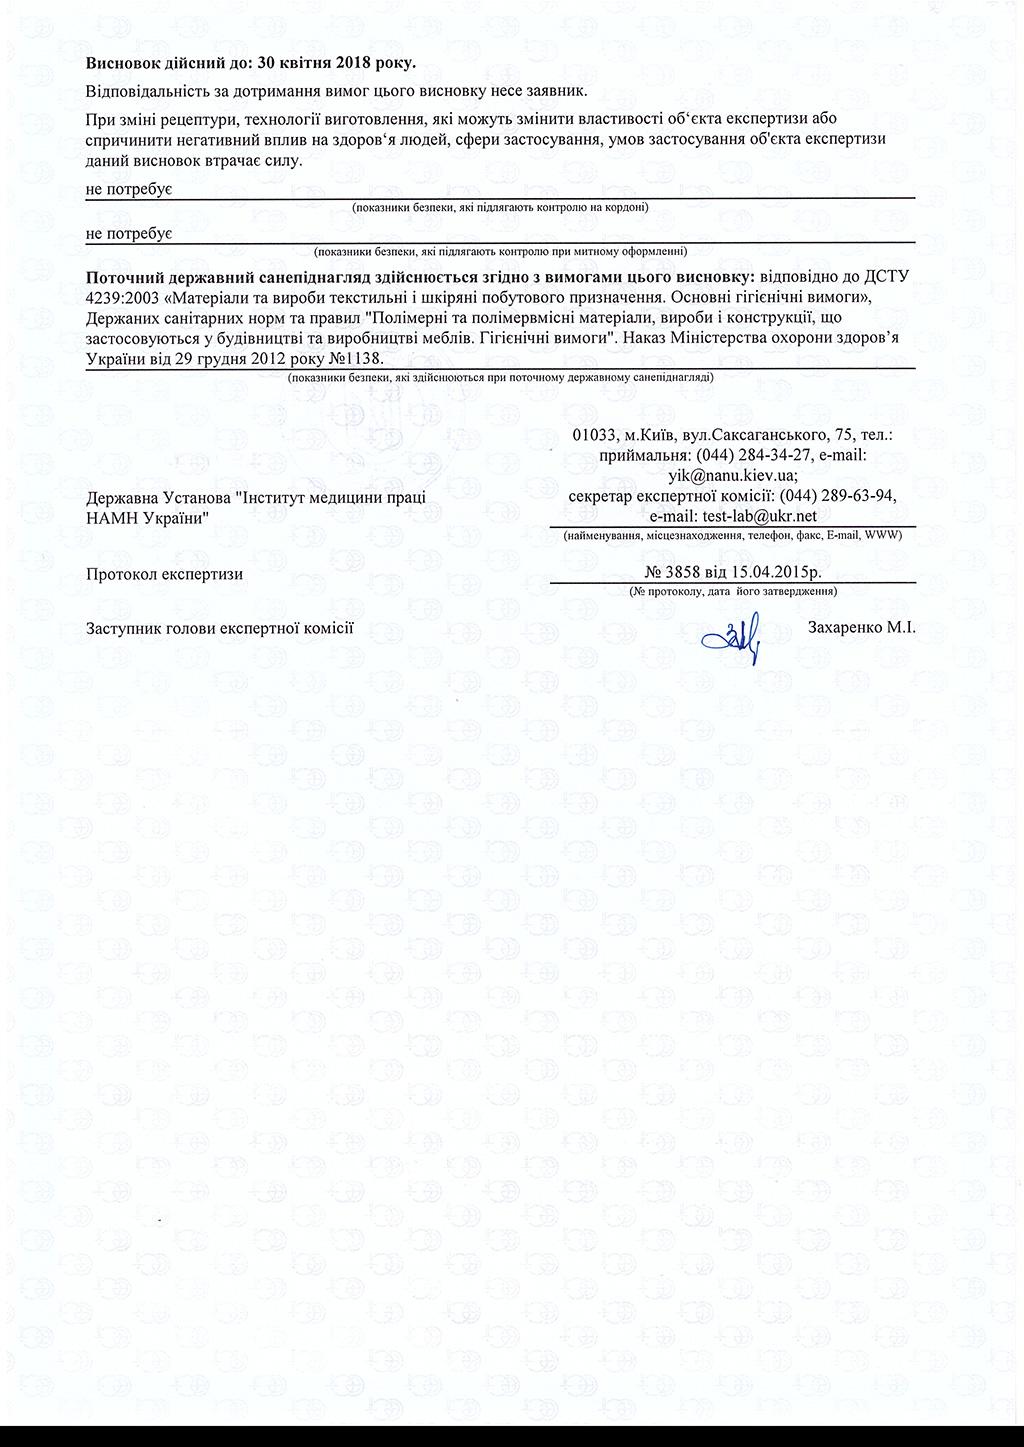 Дополнение 1 к Заключению санитарно-гигиенической экспертизы